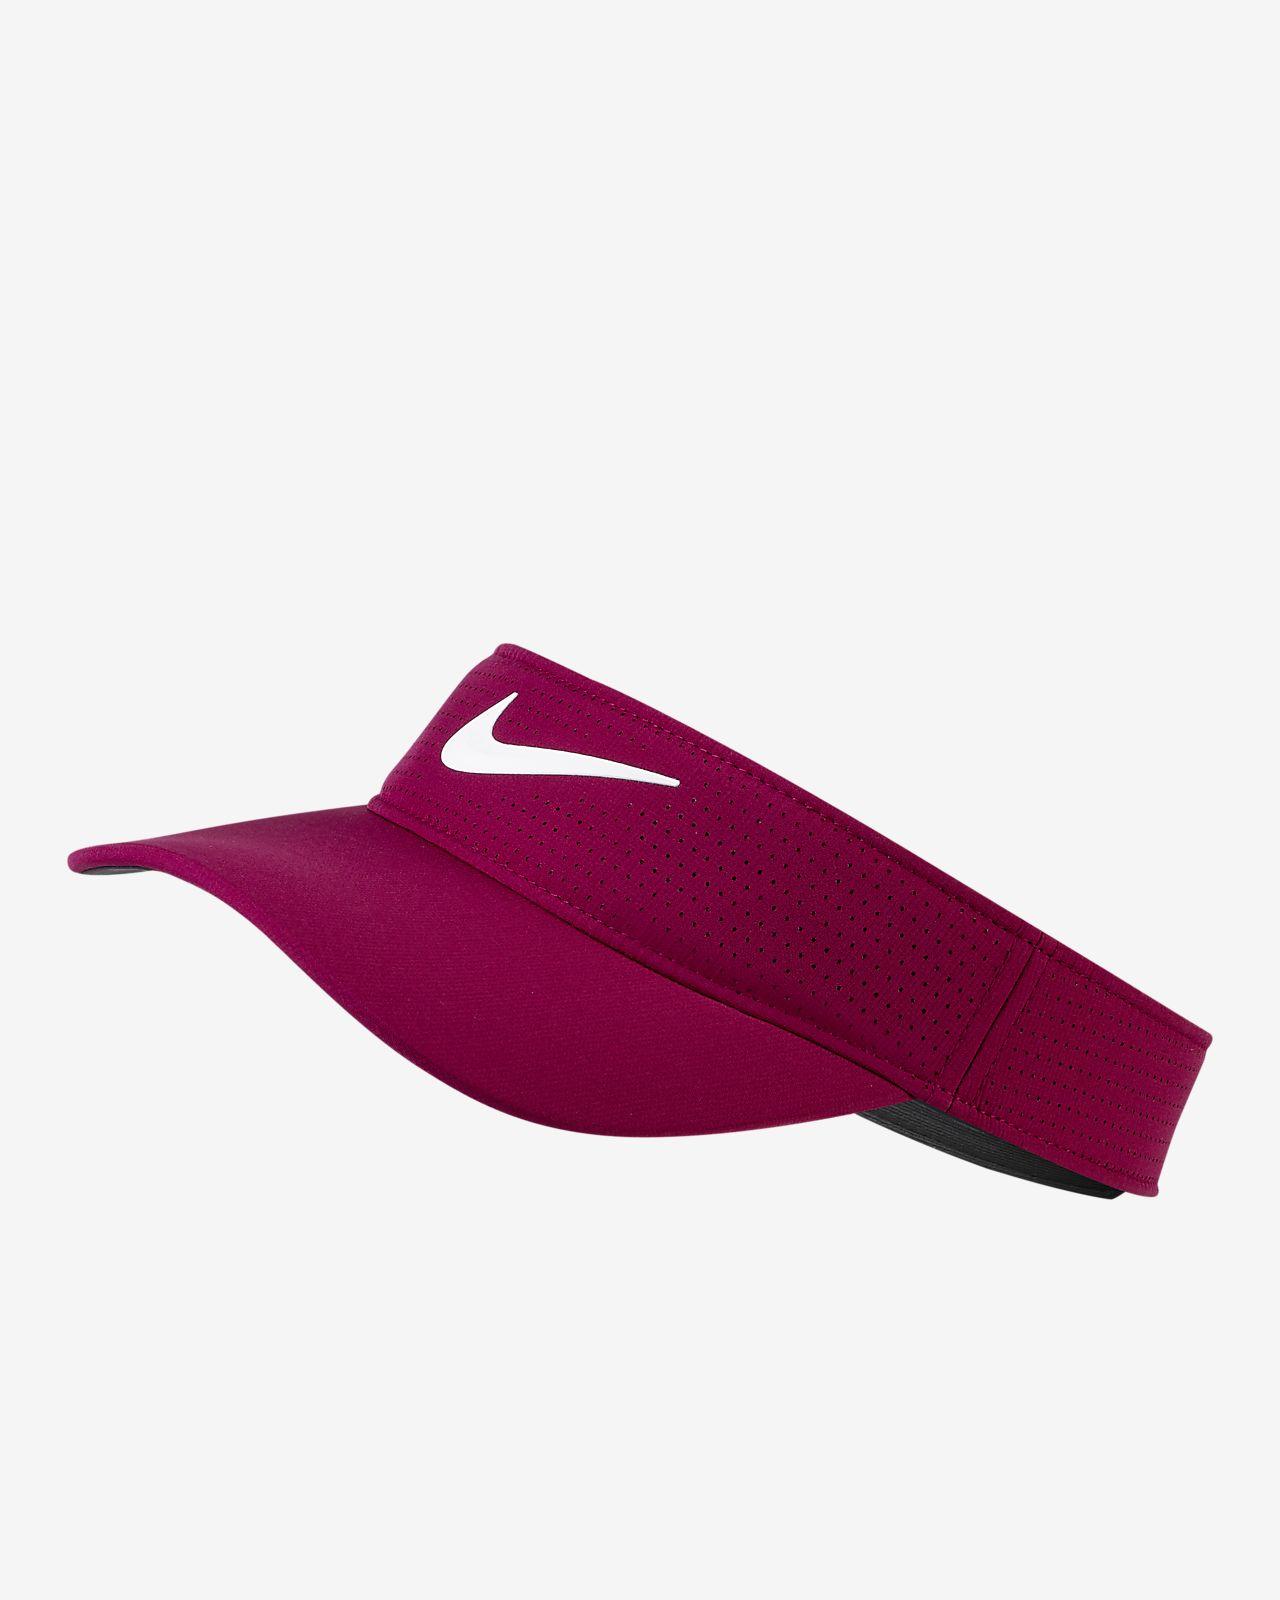 5a94de95 Nike AeroBill Women's Golf Visor. Nike.com